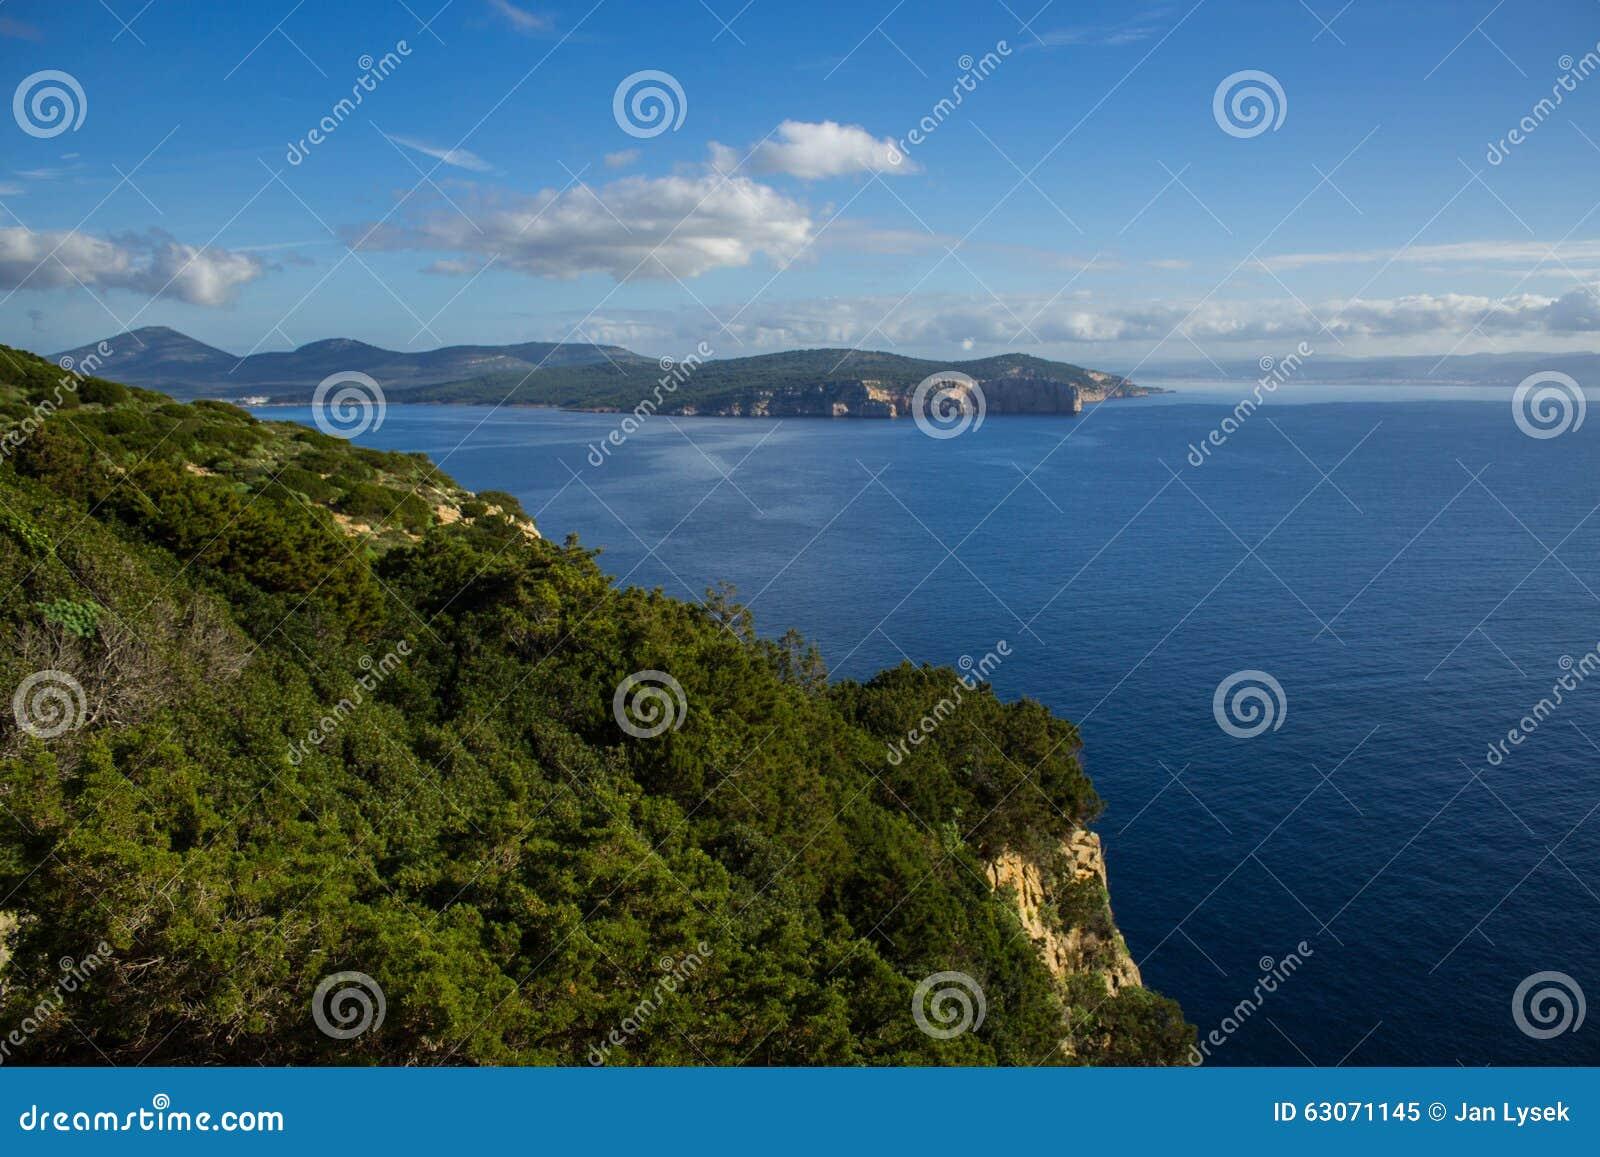 Landschaft von ihm Meer